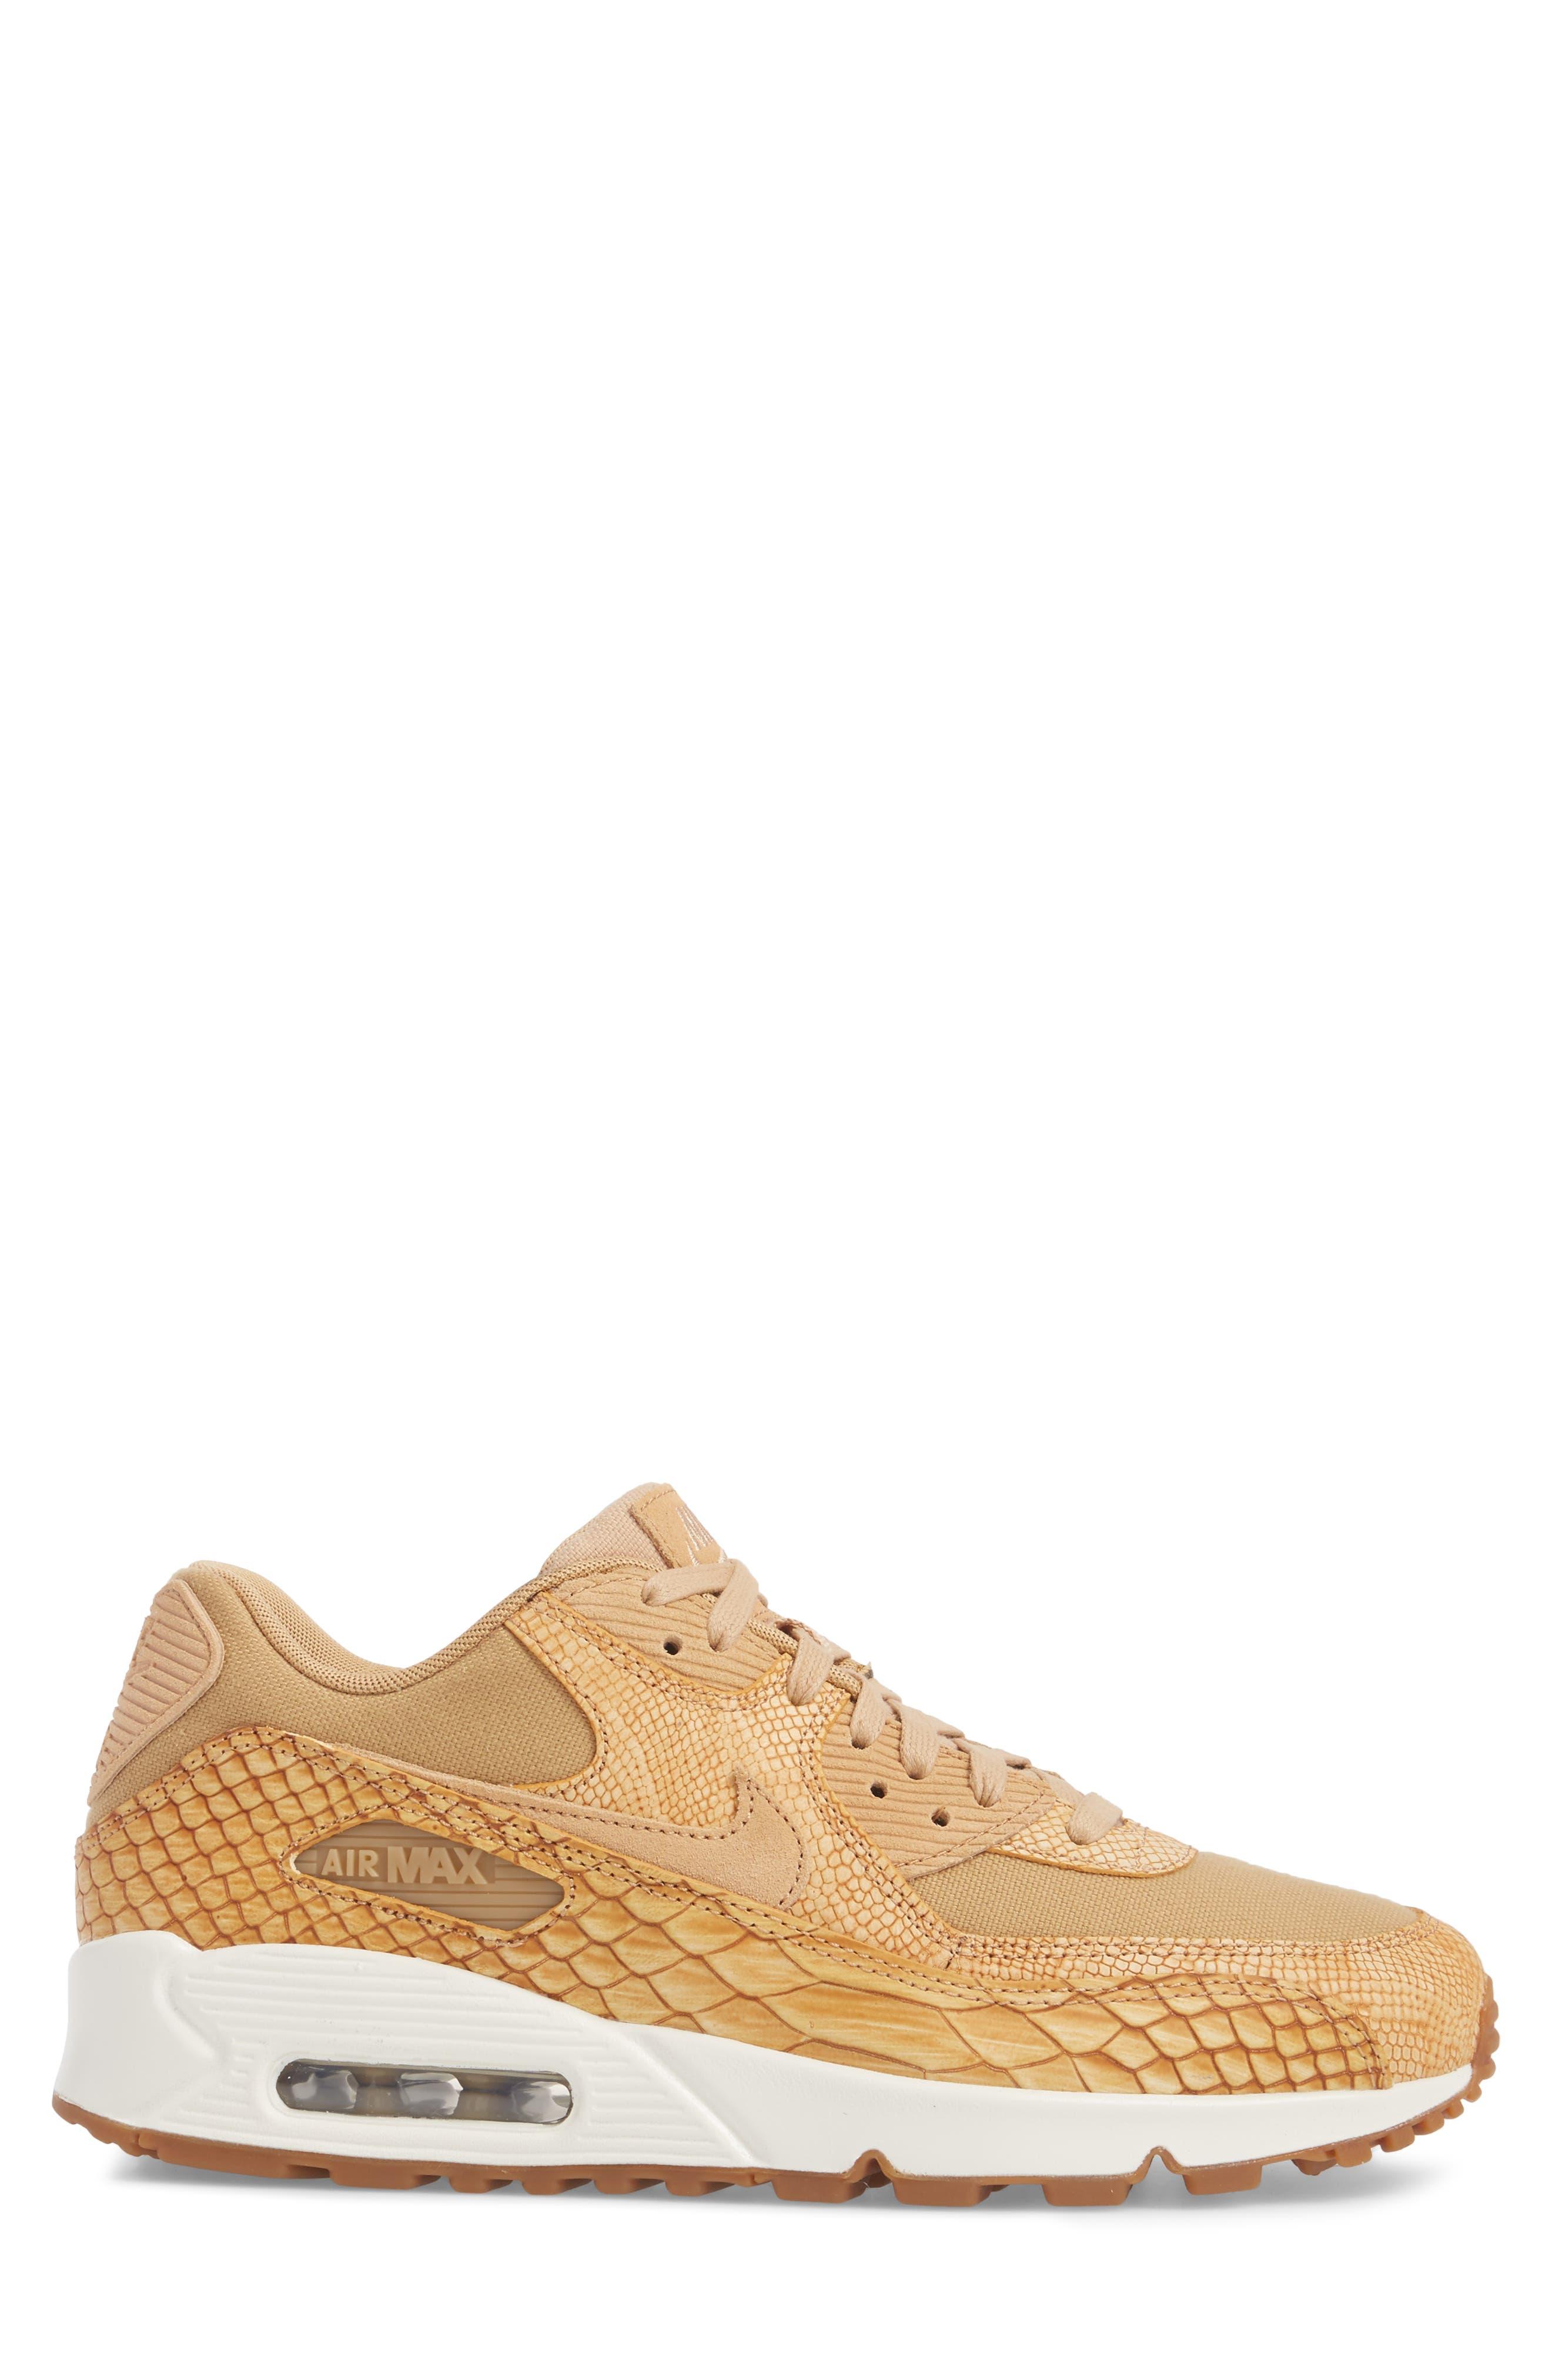 Air Max 90 Premium Sneaker,                             Alternate thumbnail 3, color,                             Tan/ Tan/ Elemental Gold